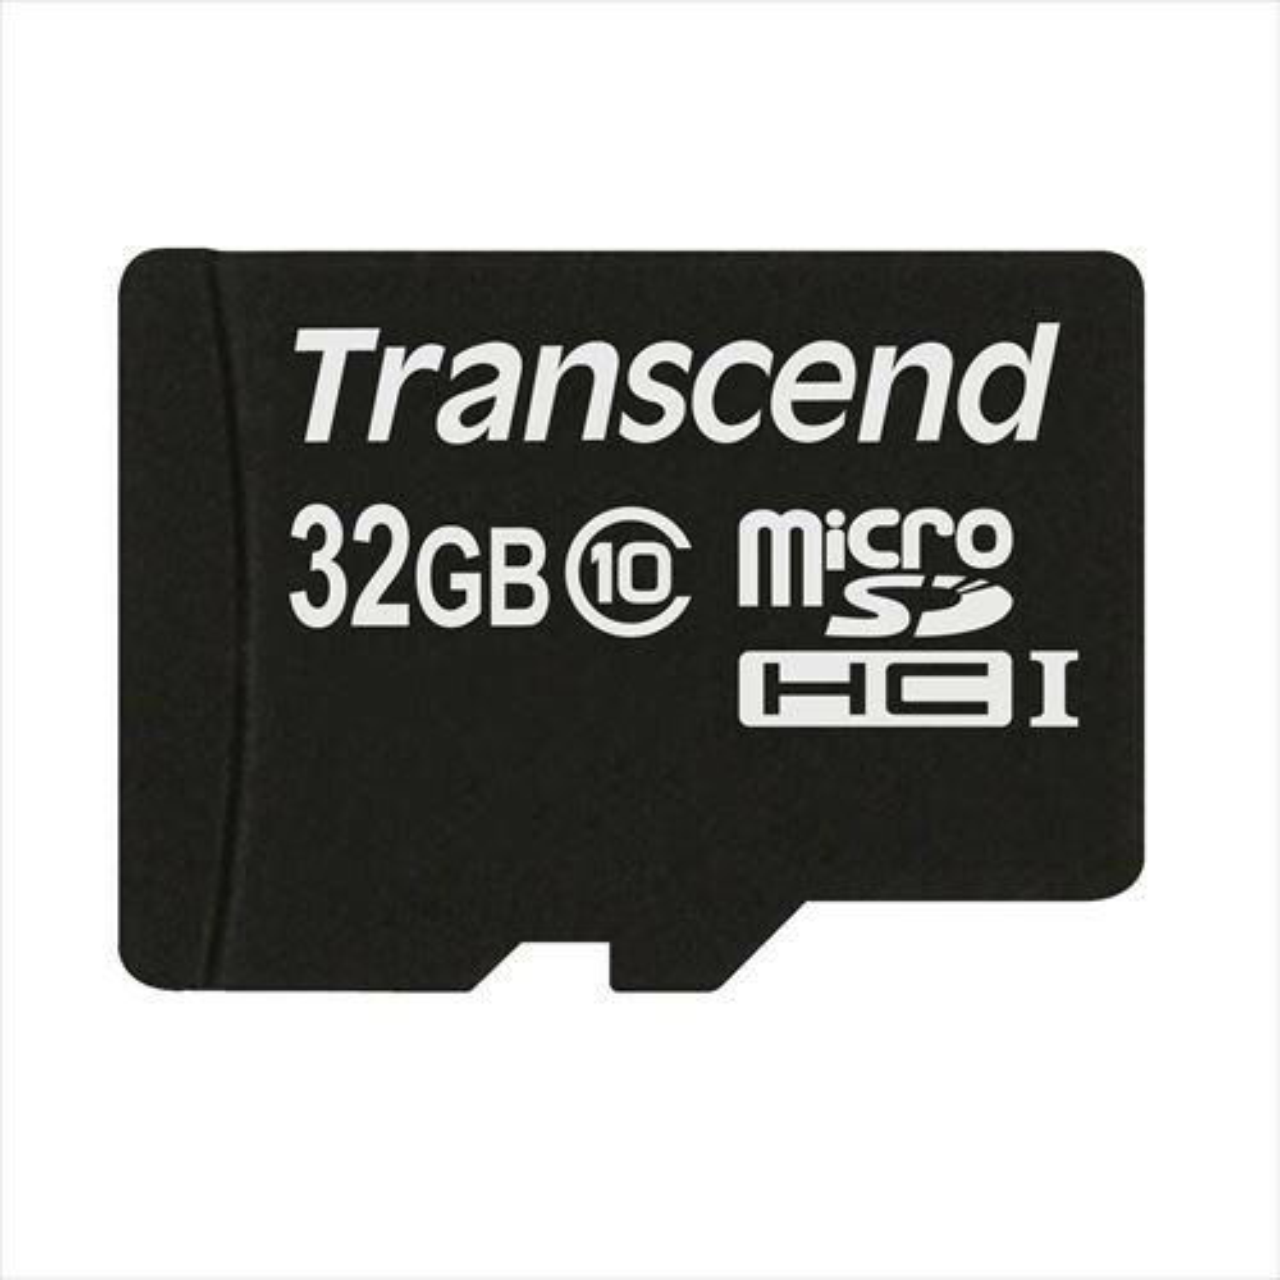 【1月17日値下げしました】Transcend microSDカード 32GB Class10 5年保証 マイクロSD microSDHC New 3DS対応 最大転送速度20MB/s クラス10 スマホ SD 入学 卒業[TS32GUSDC10]【ネコポス専用】【今だけ送料無料!】